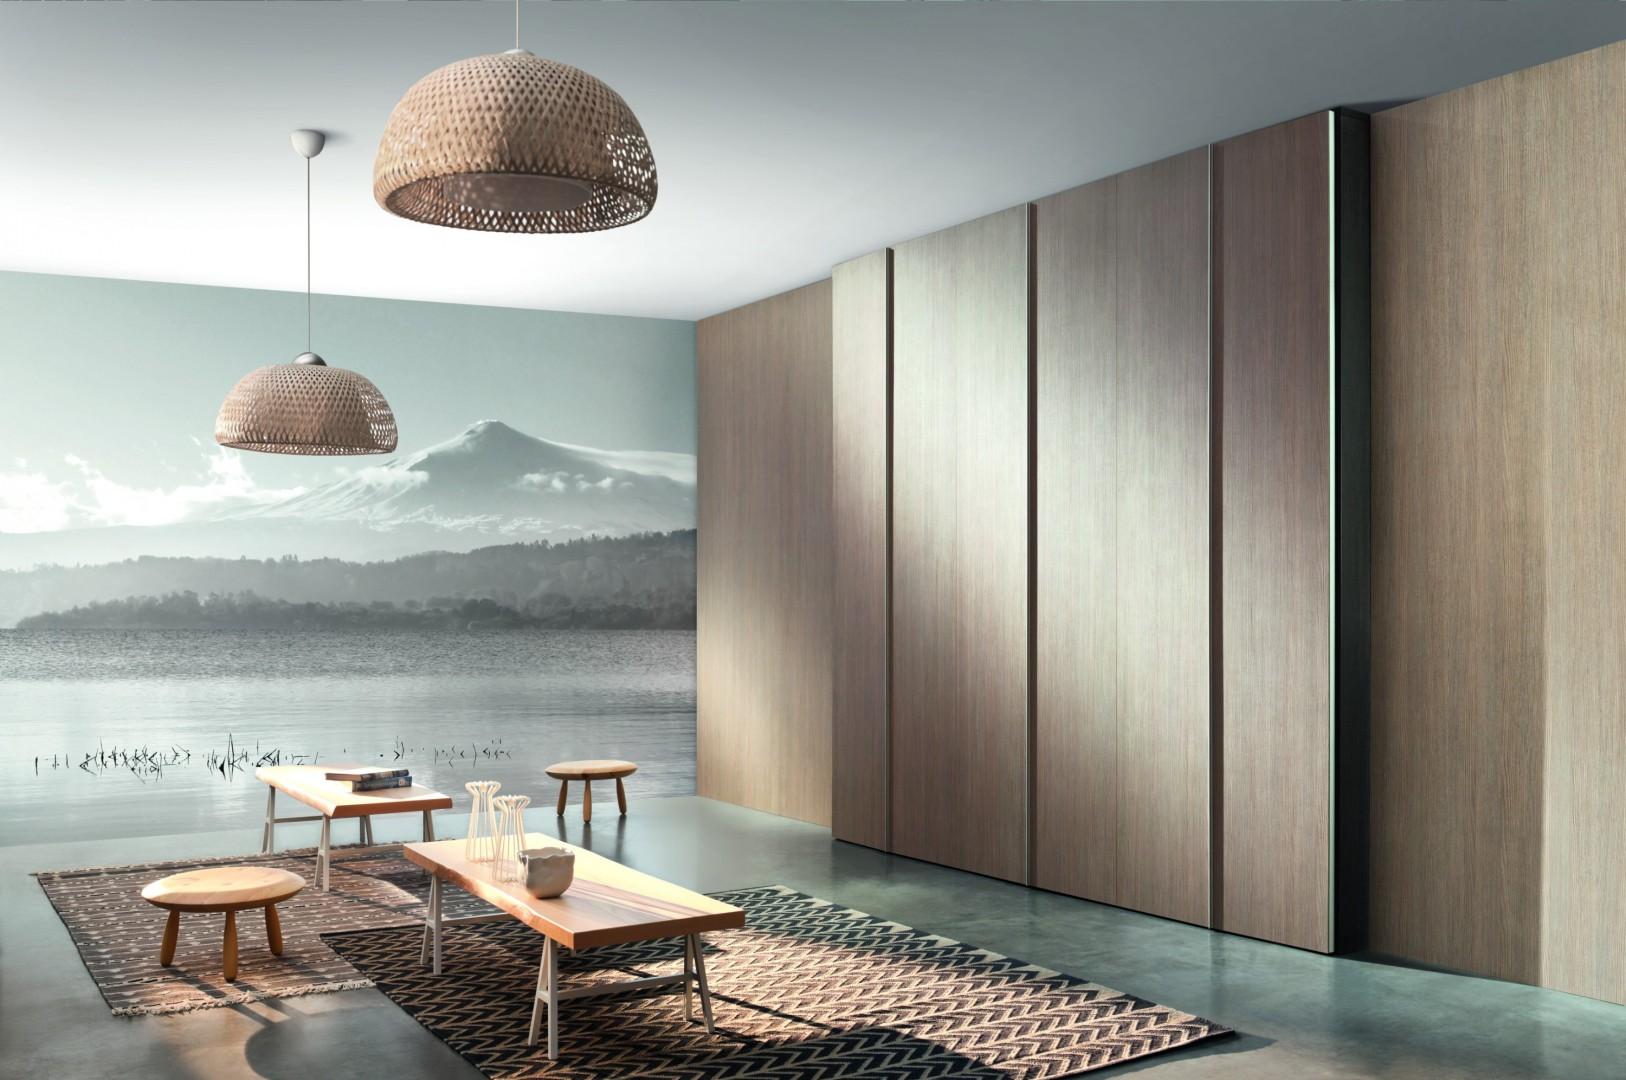 W śródziemnomorski klimat świetnie mogą wkomponować się meble, w których naturalne materiały zostaną zastąpione dekorami, fornirami czy innymi zdobieniami.  Fot. Komandor